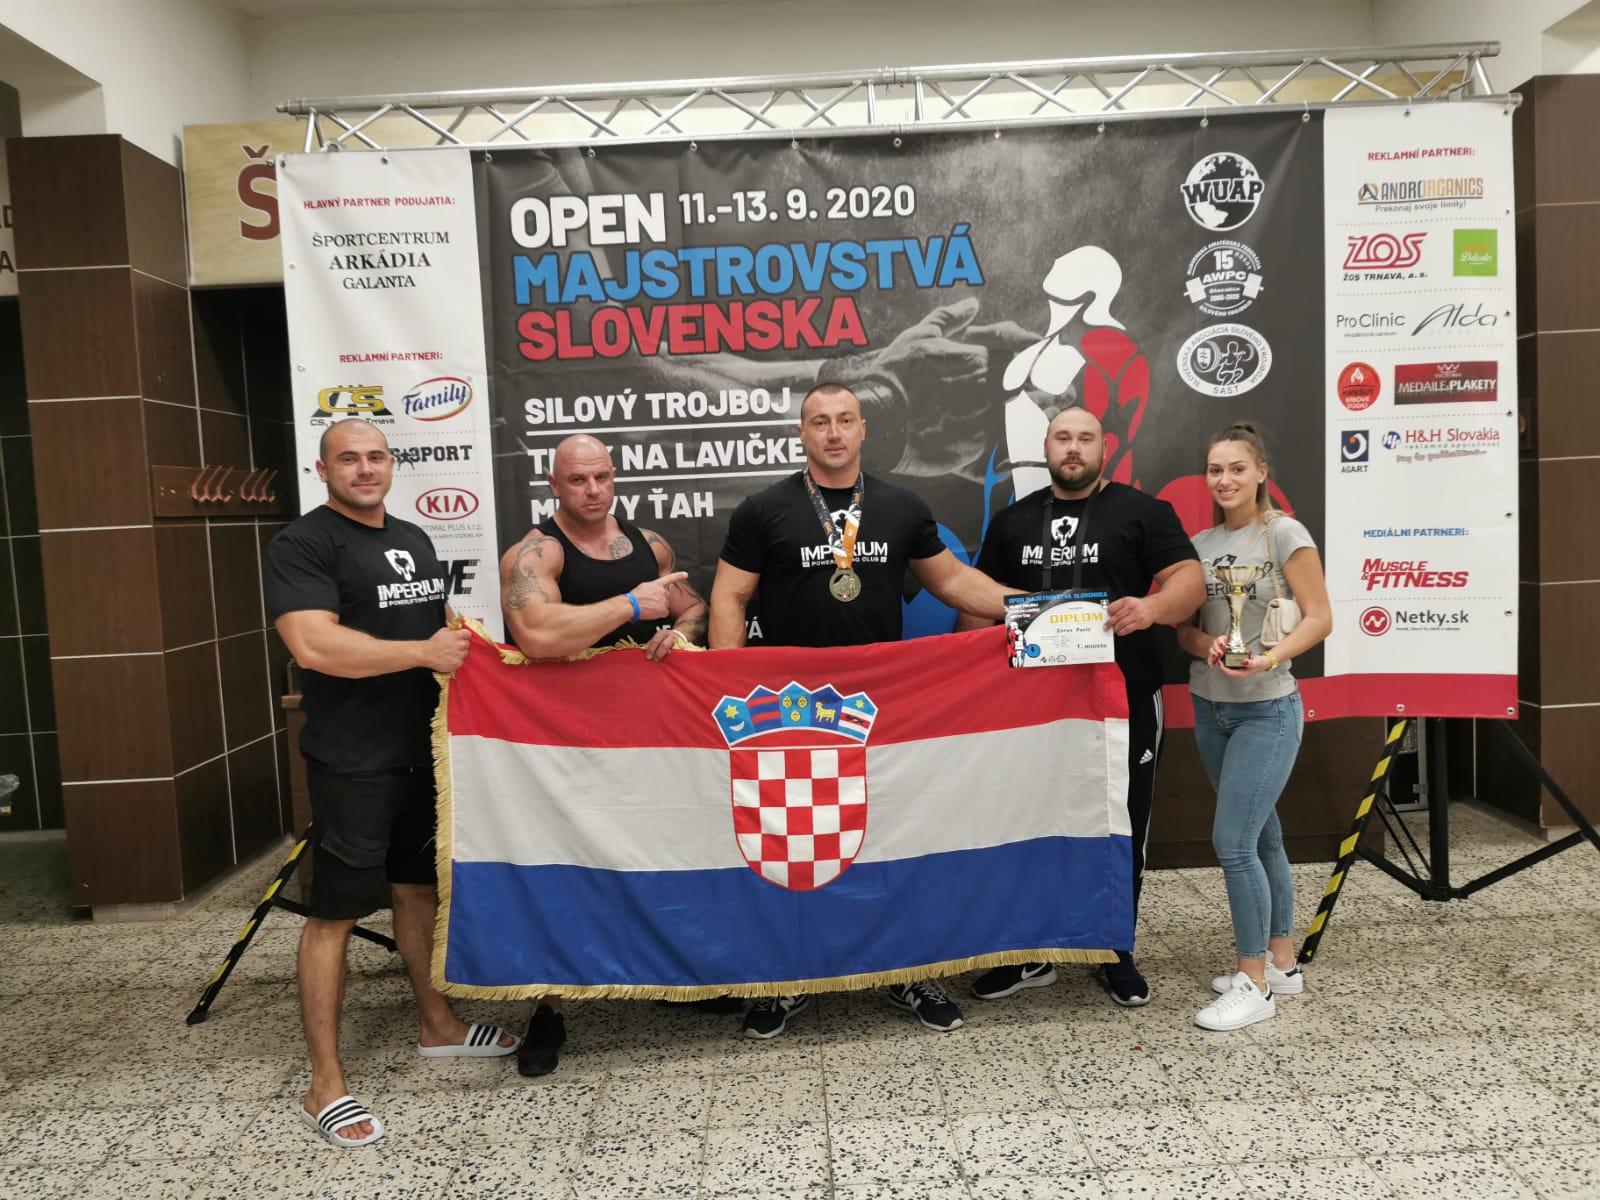 Natjecanje u powerliftingu u Slovačkoj / Foto PLK Rux